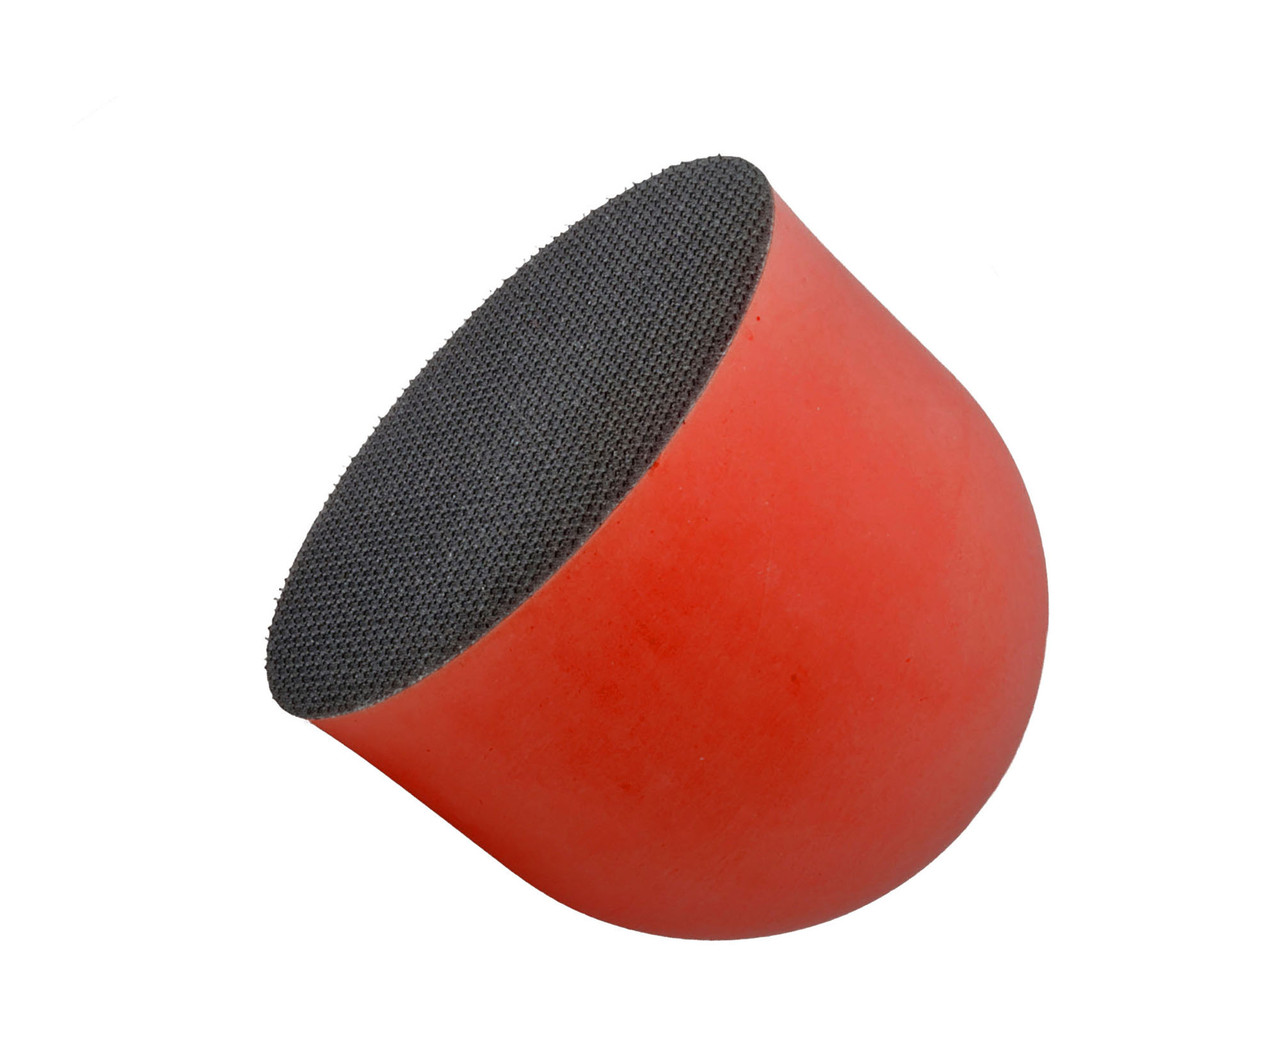 """12912 75 мм (3"""") Шлифовально-полировальный блок мягкий - Flexipads Soft Palm Holder"""